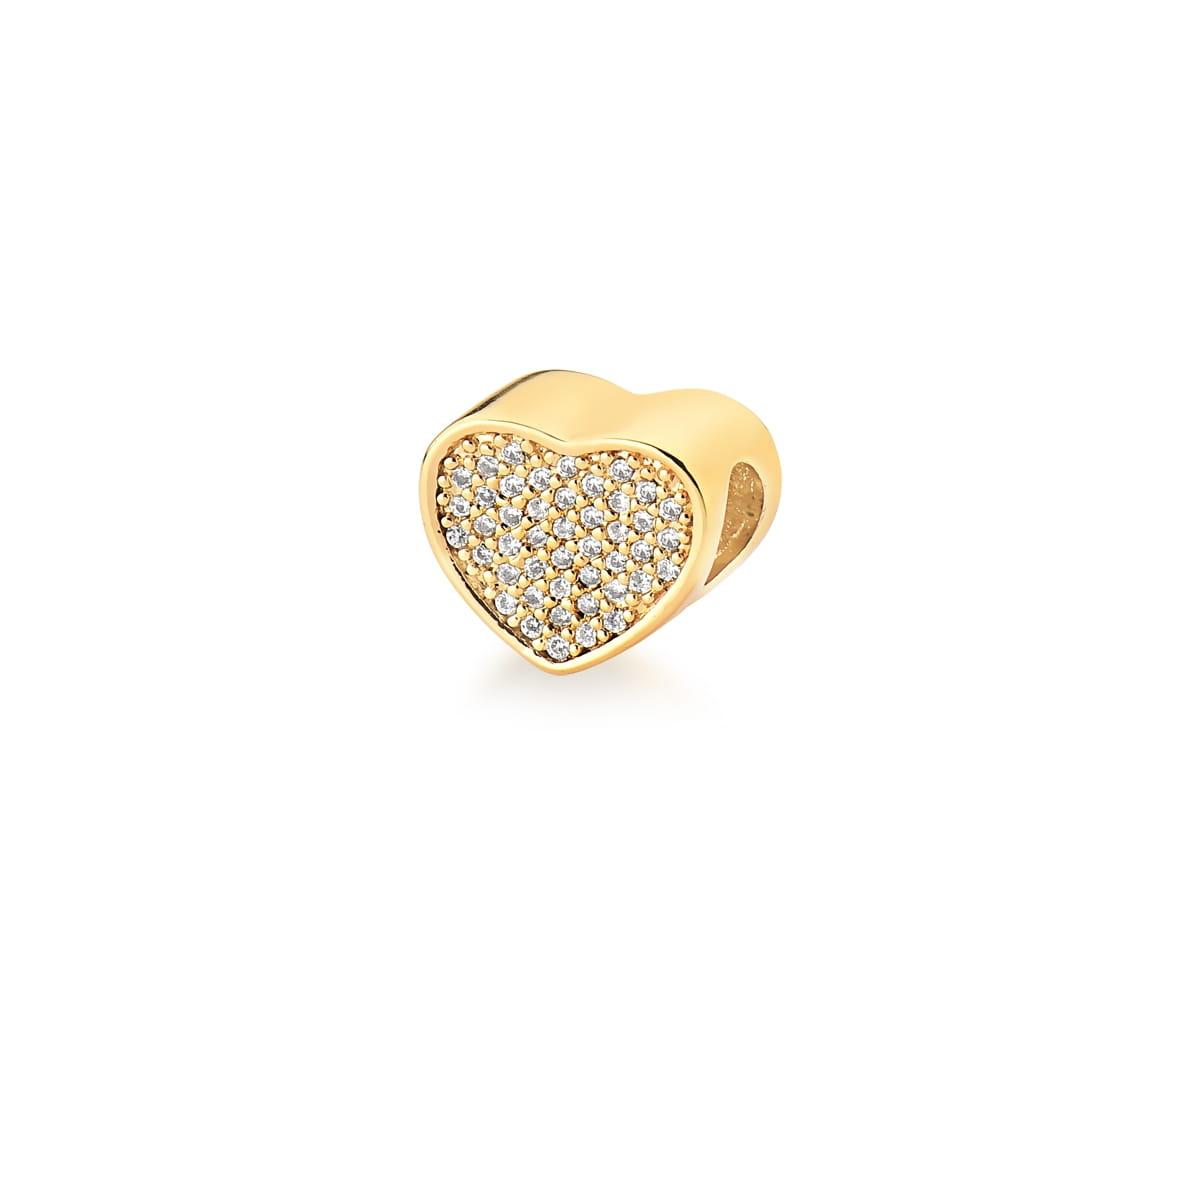 Berloque de Coração com Zircônias Brancas Banhado a Ouro